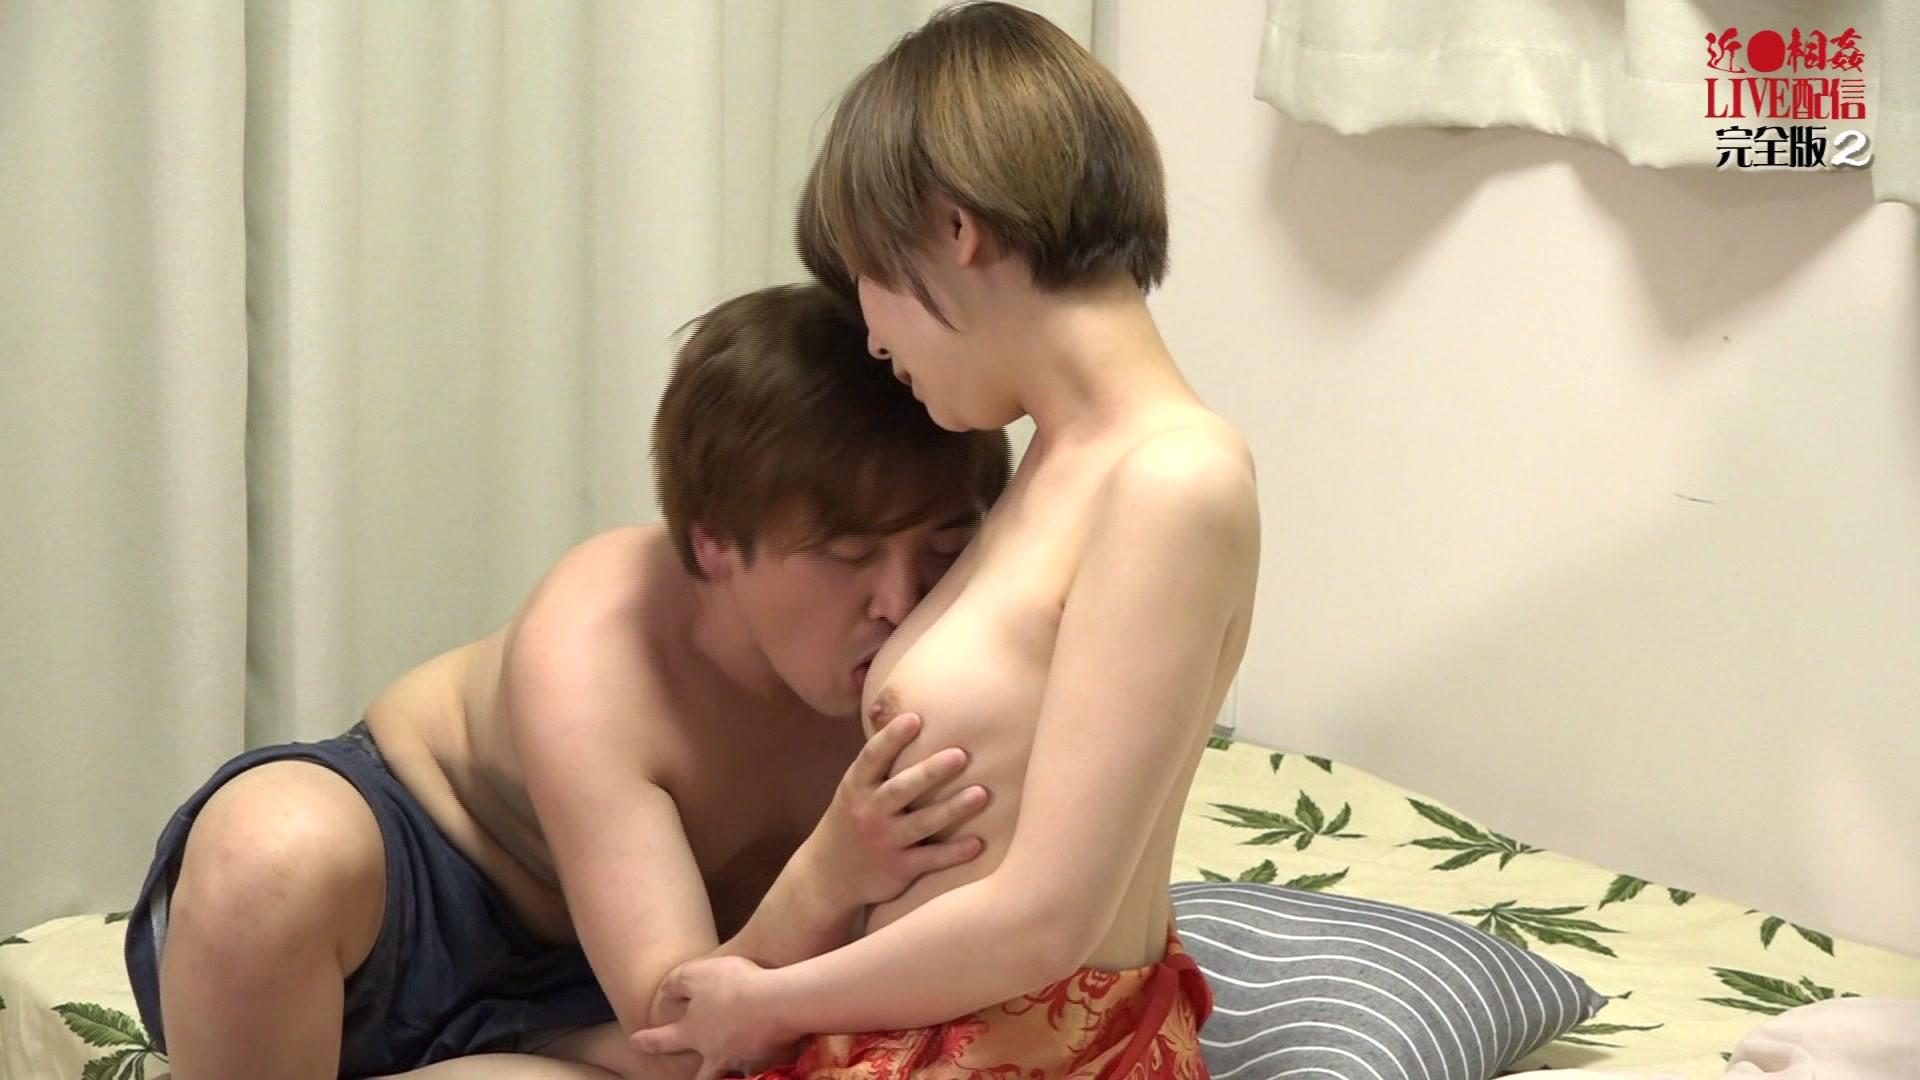 生々しい近●相姦配信 完全版~性欲が強すぎる義姉が弟のチンポにしゃぶりついて筆下ろし(2) 画像20